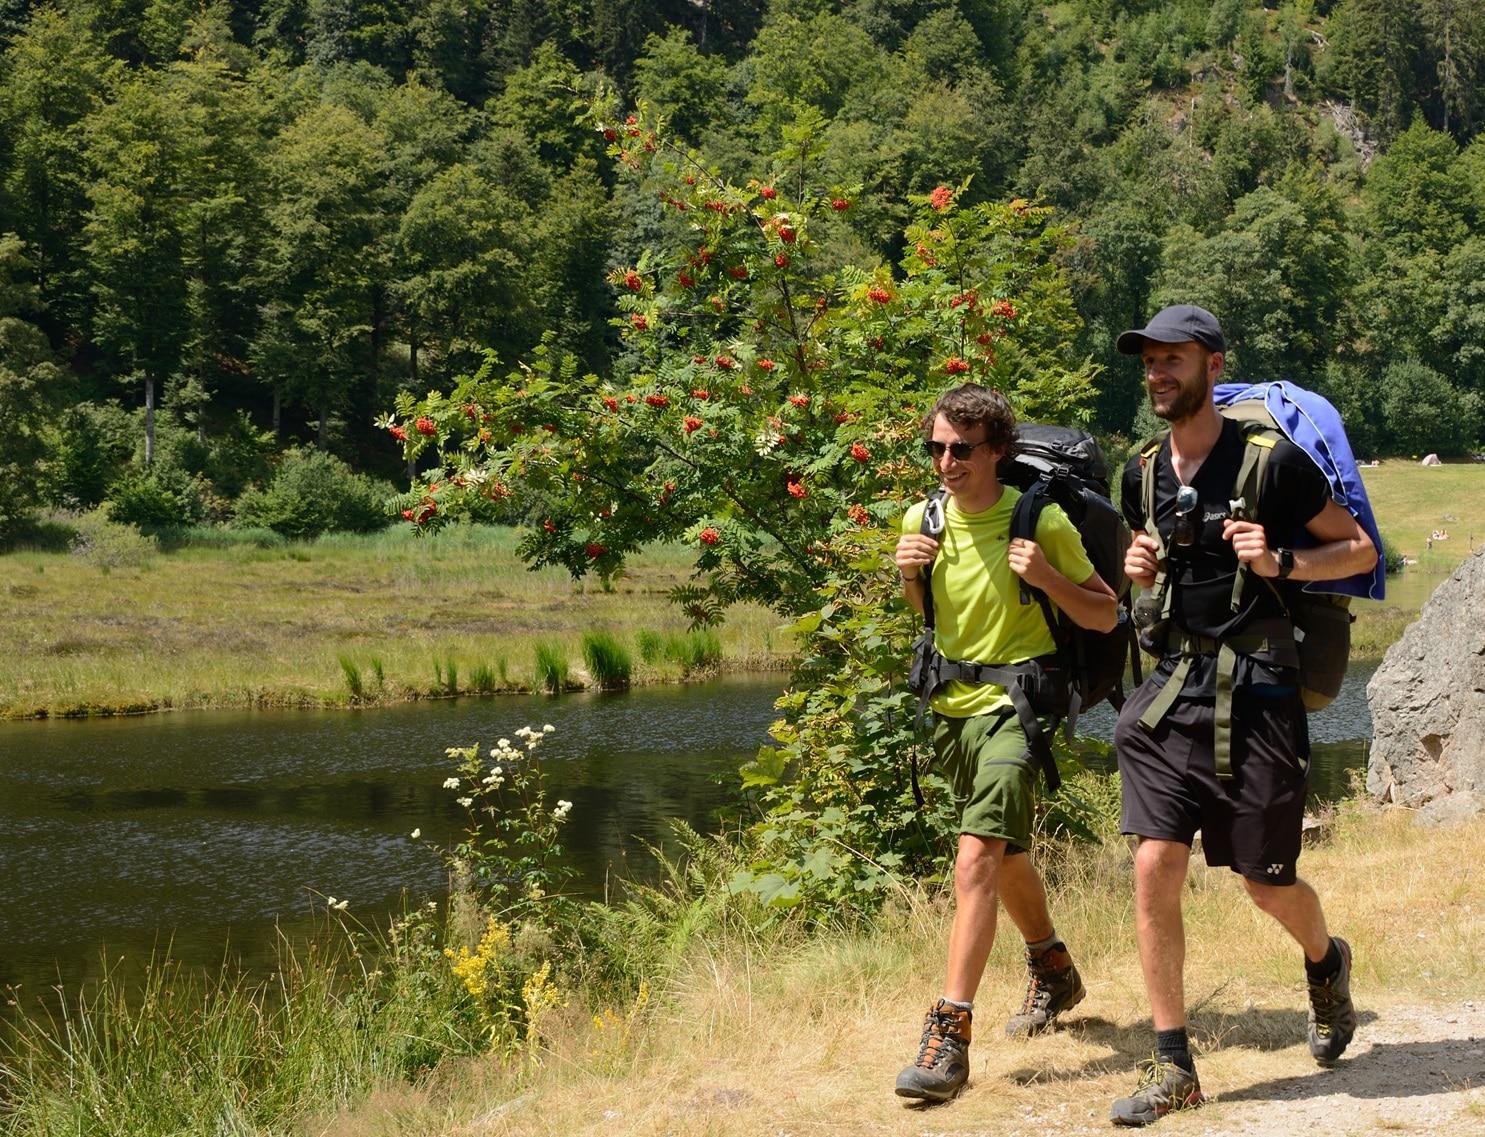 Gemeinsam für den Artenschutz und eine nachhaltige Entwicklung: Sommerakademie im Biosphärengebiet Schwarzwald vom 5. bis 10. August